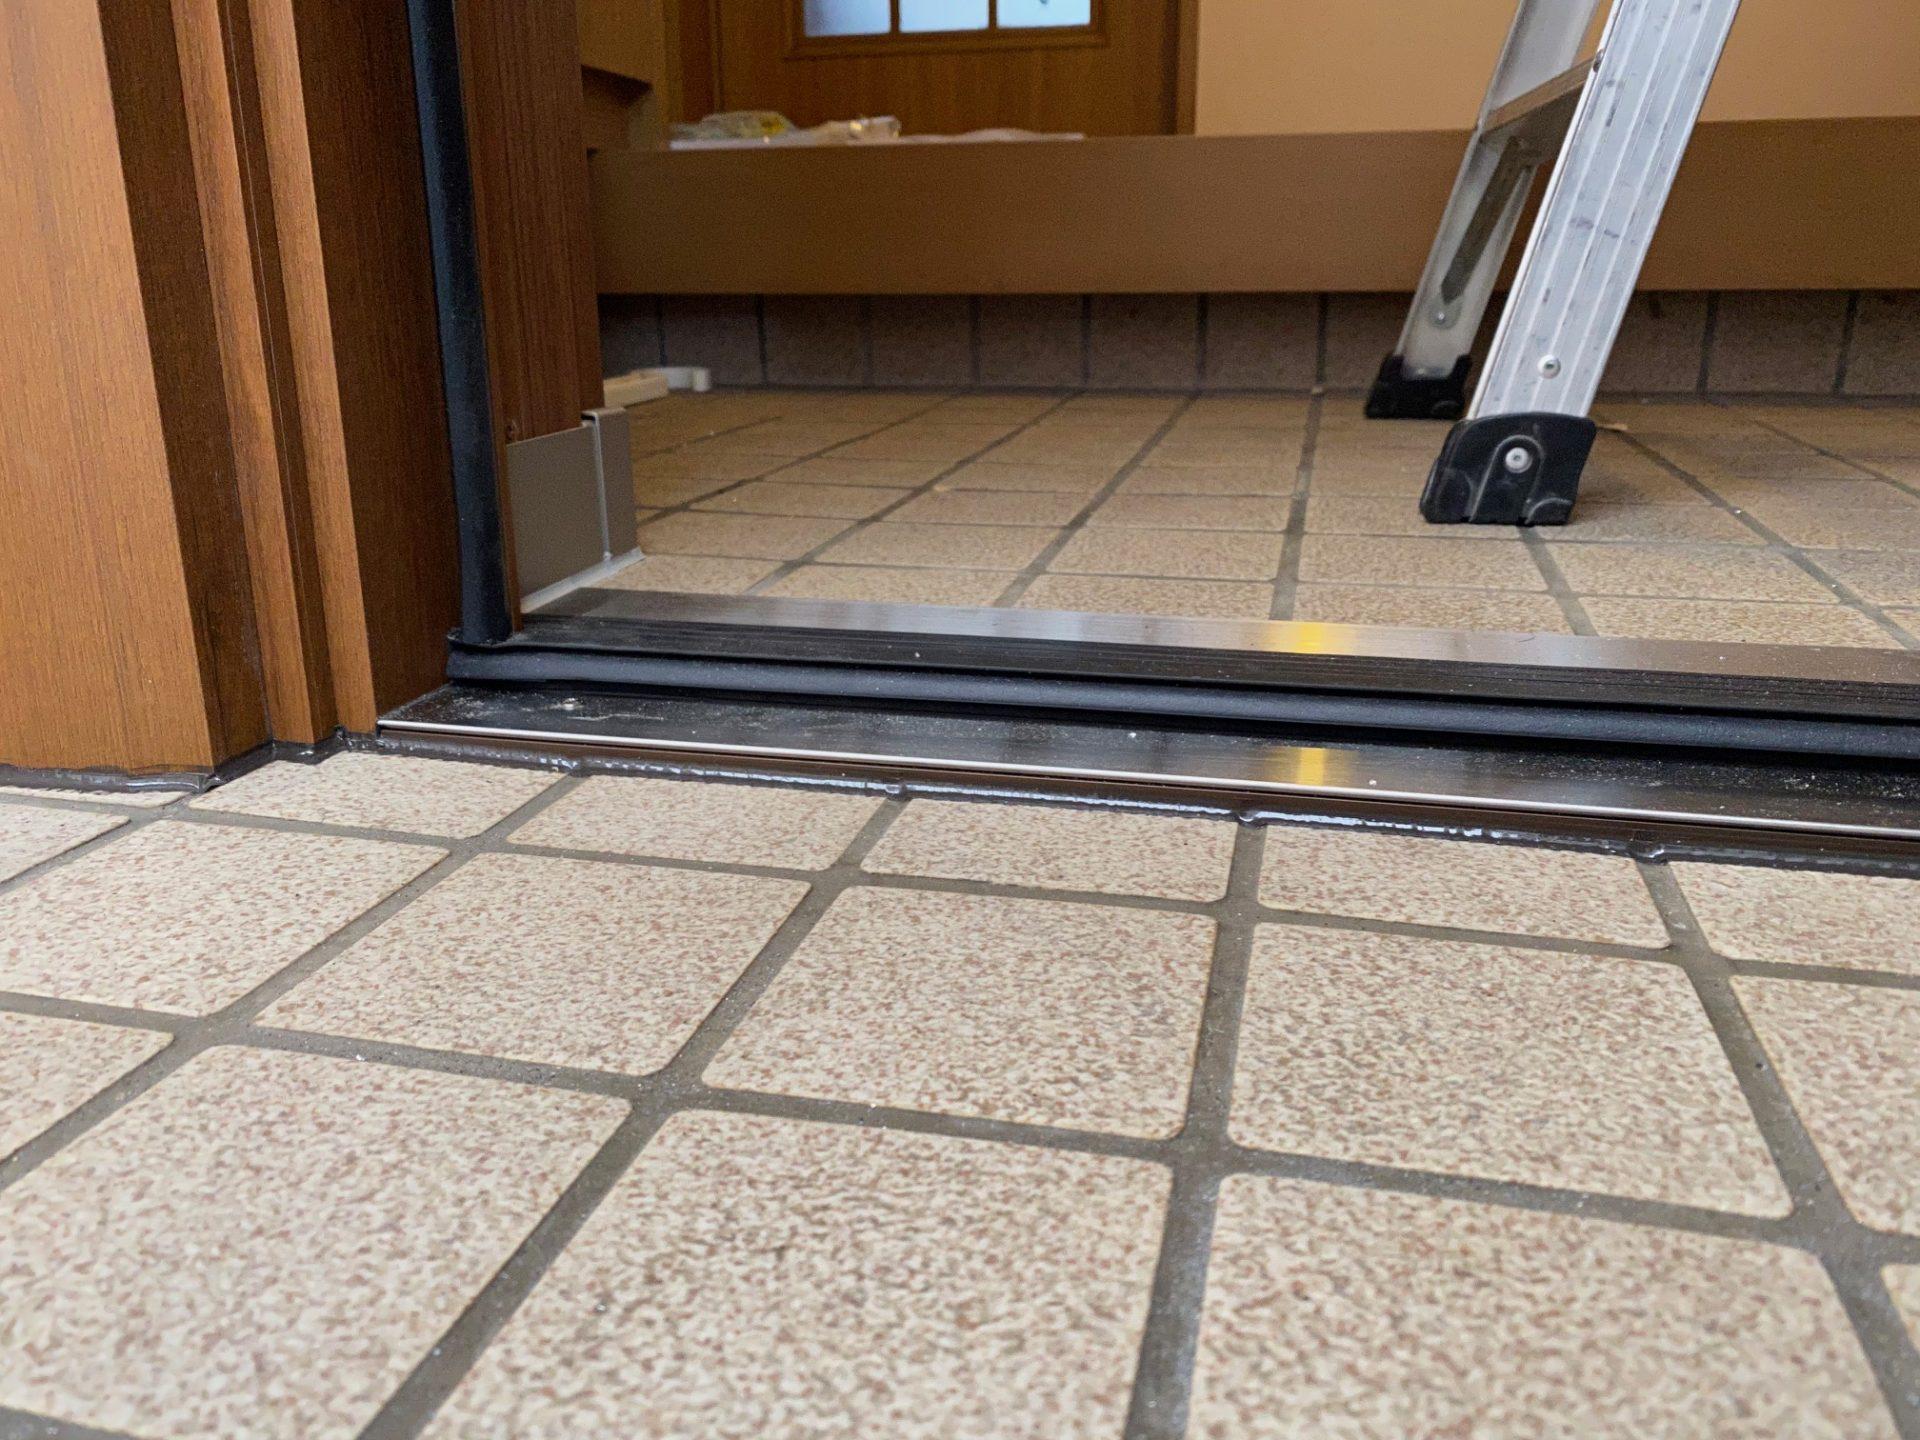 燕市で玄関と勝手口の同時交換~ドア部分を断熱対策